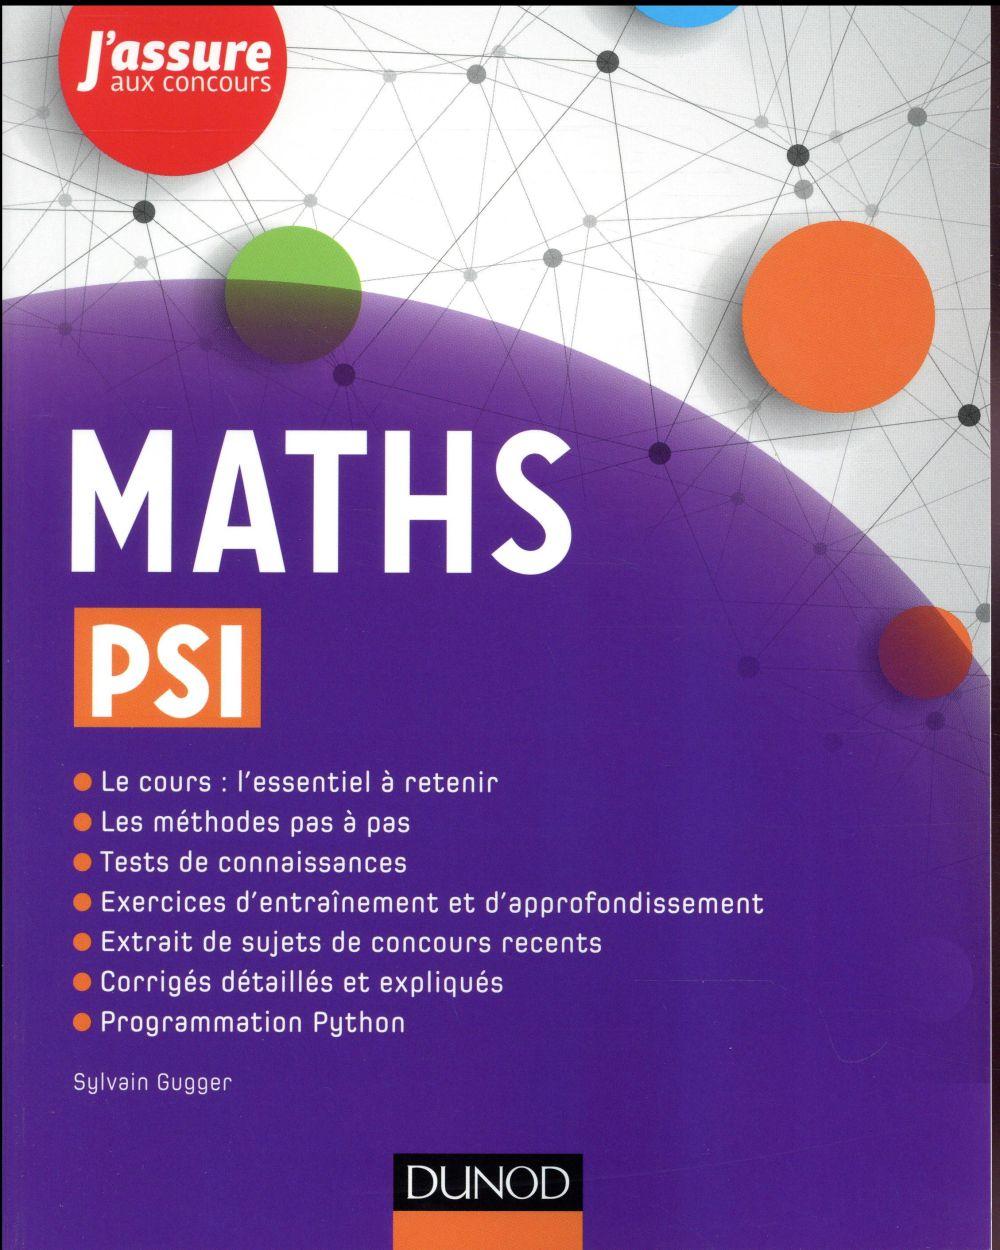 MATHS PSI